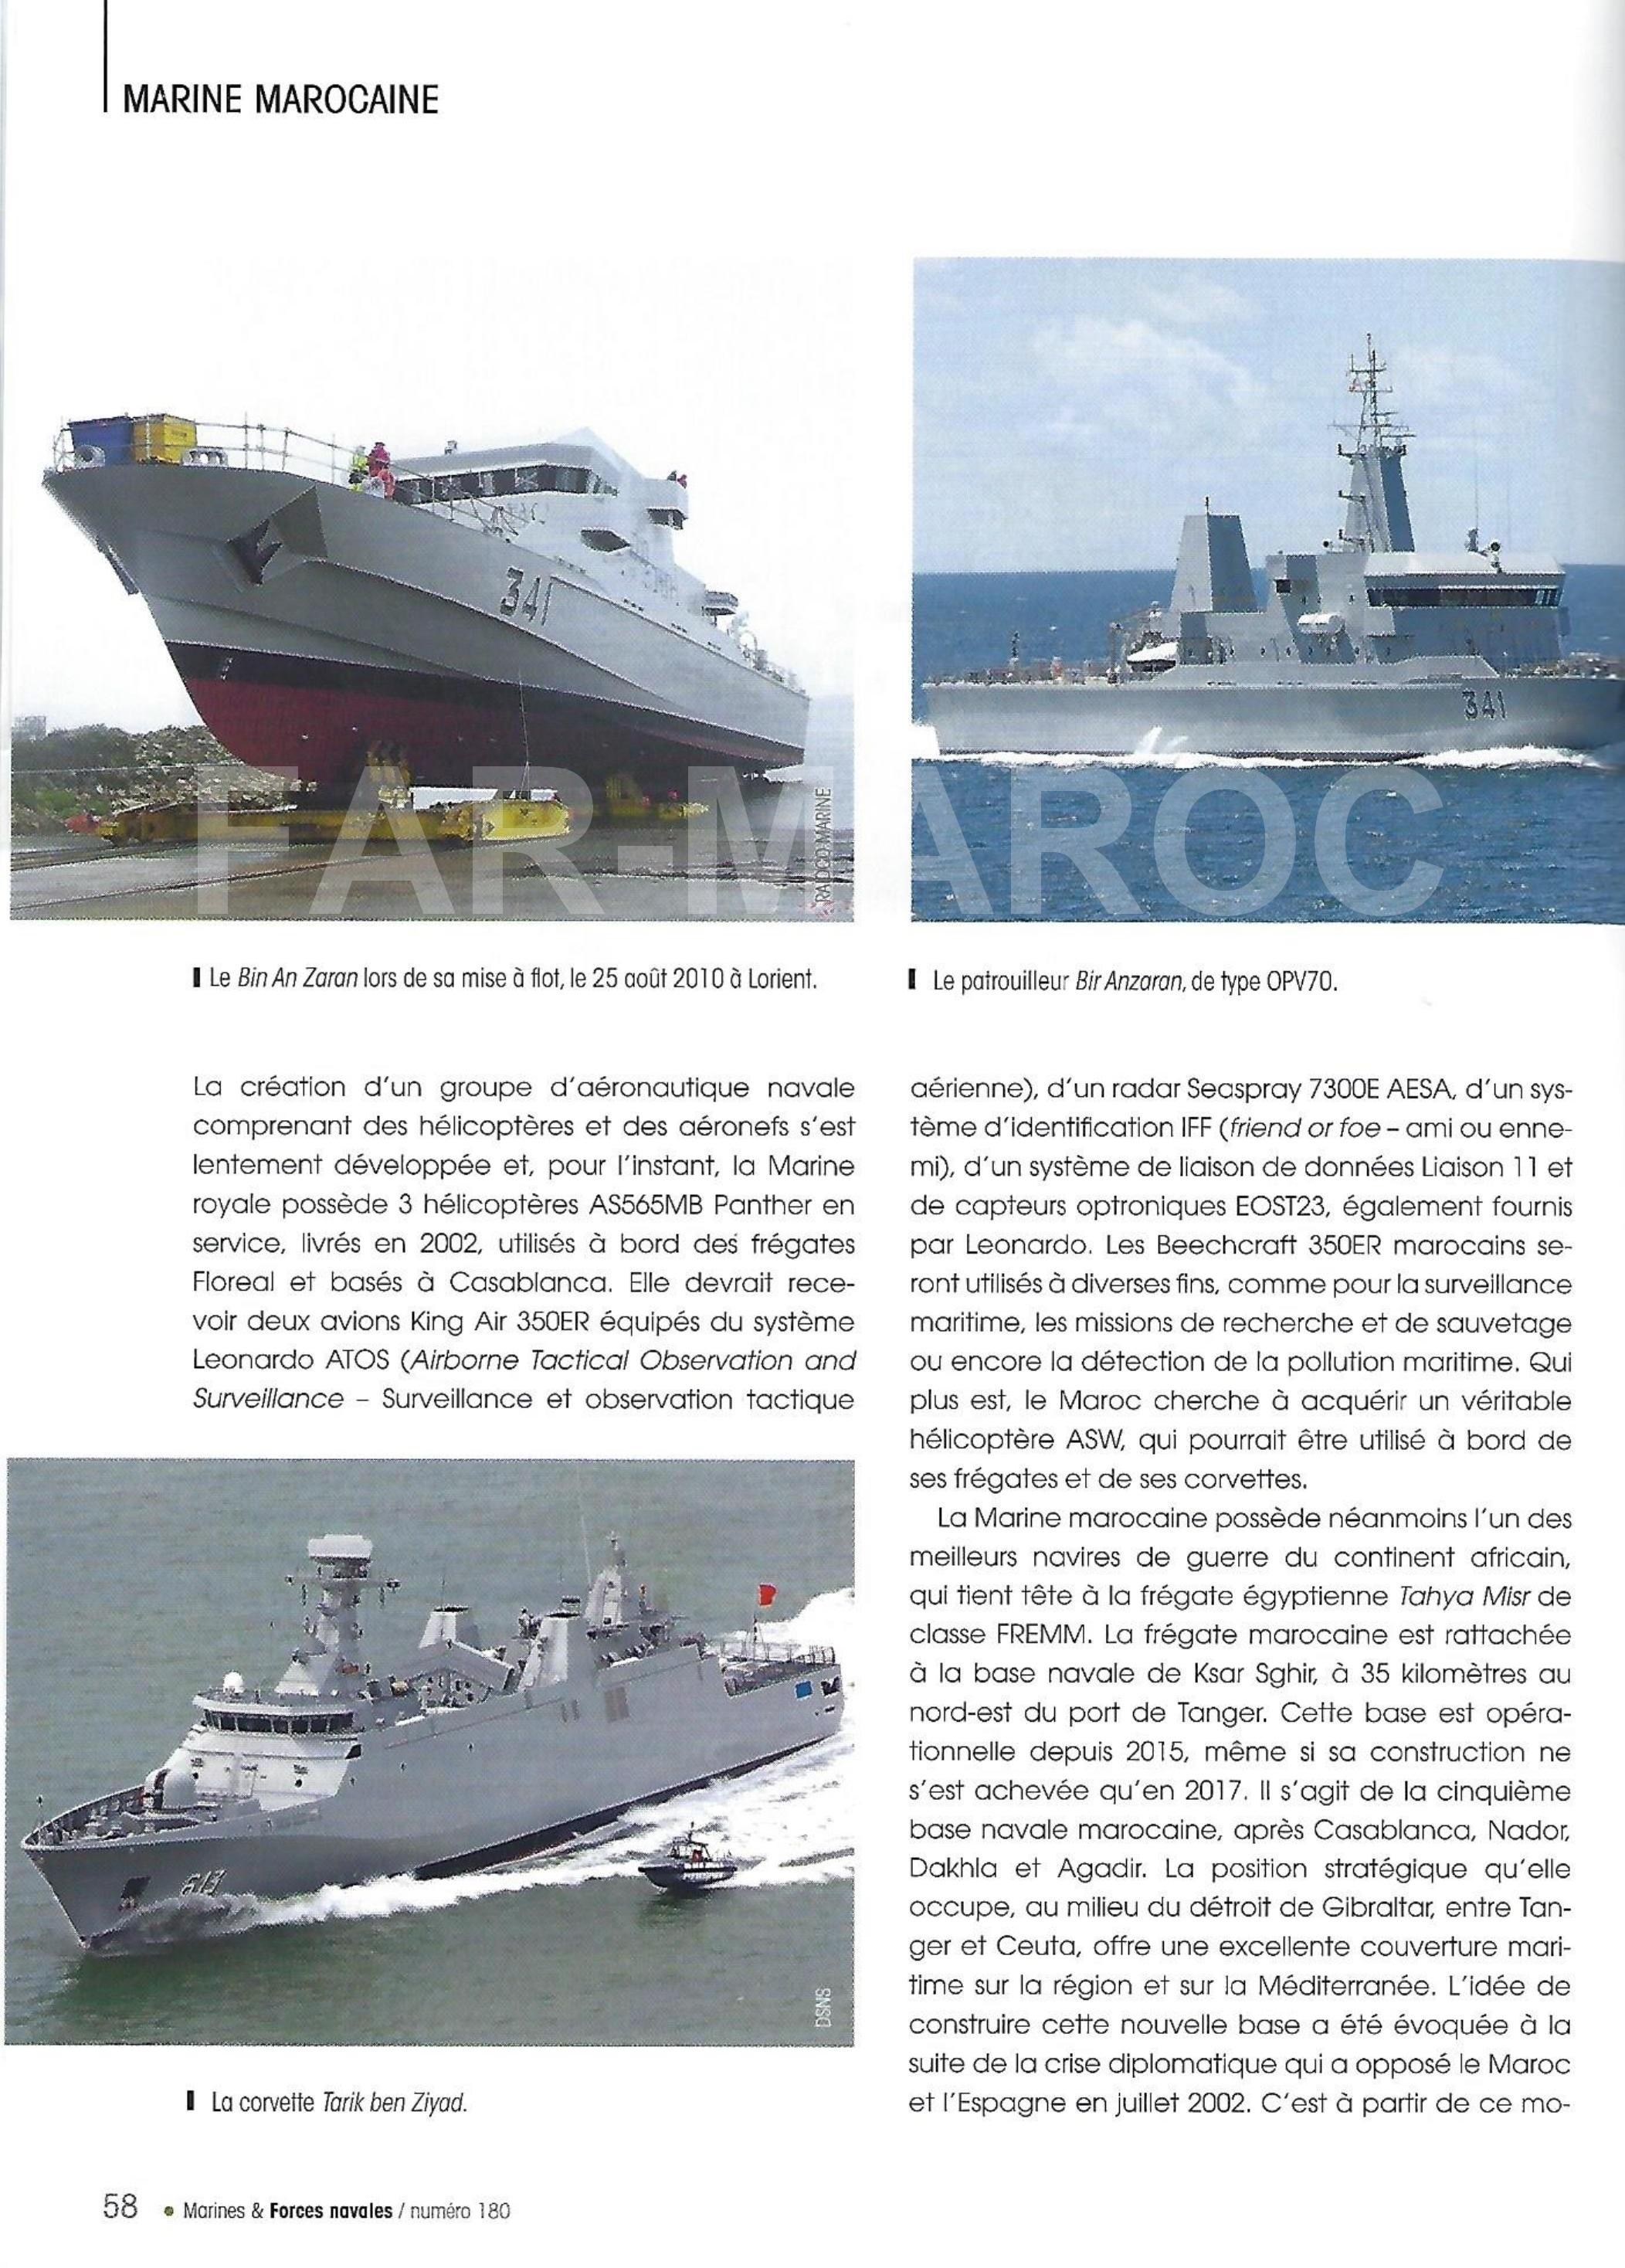 Articles à propos de la Marine Royale Marocaine 46682818665_d417c6257b_o